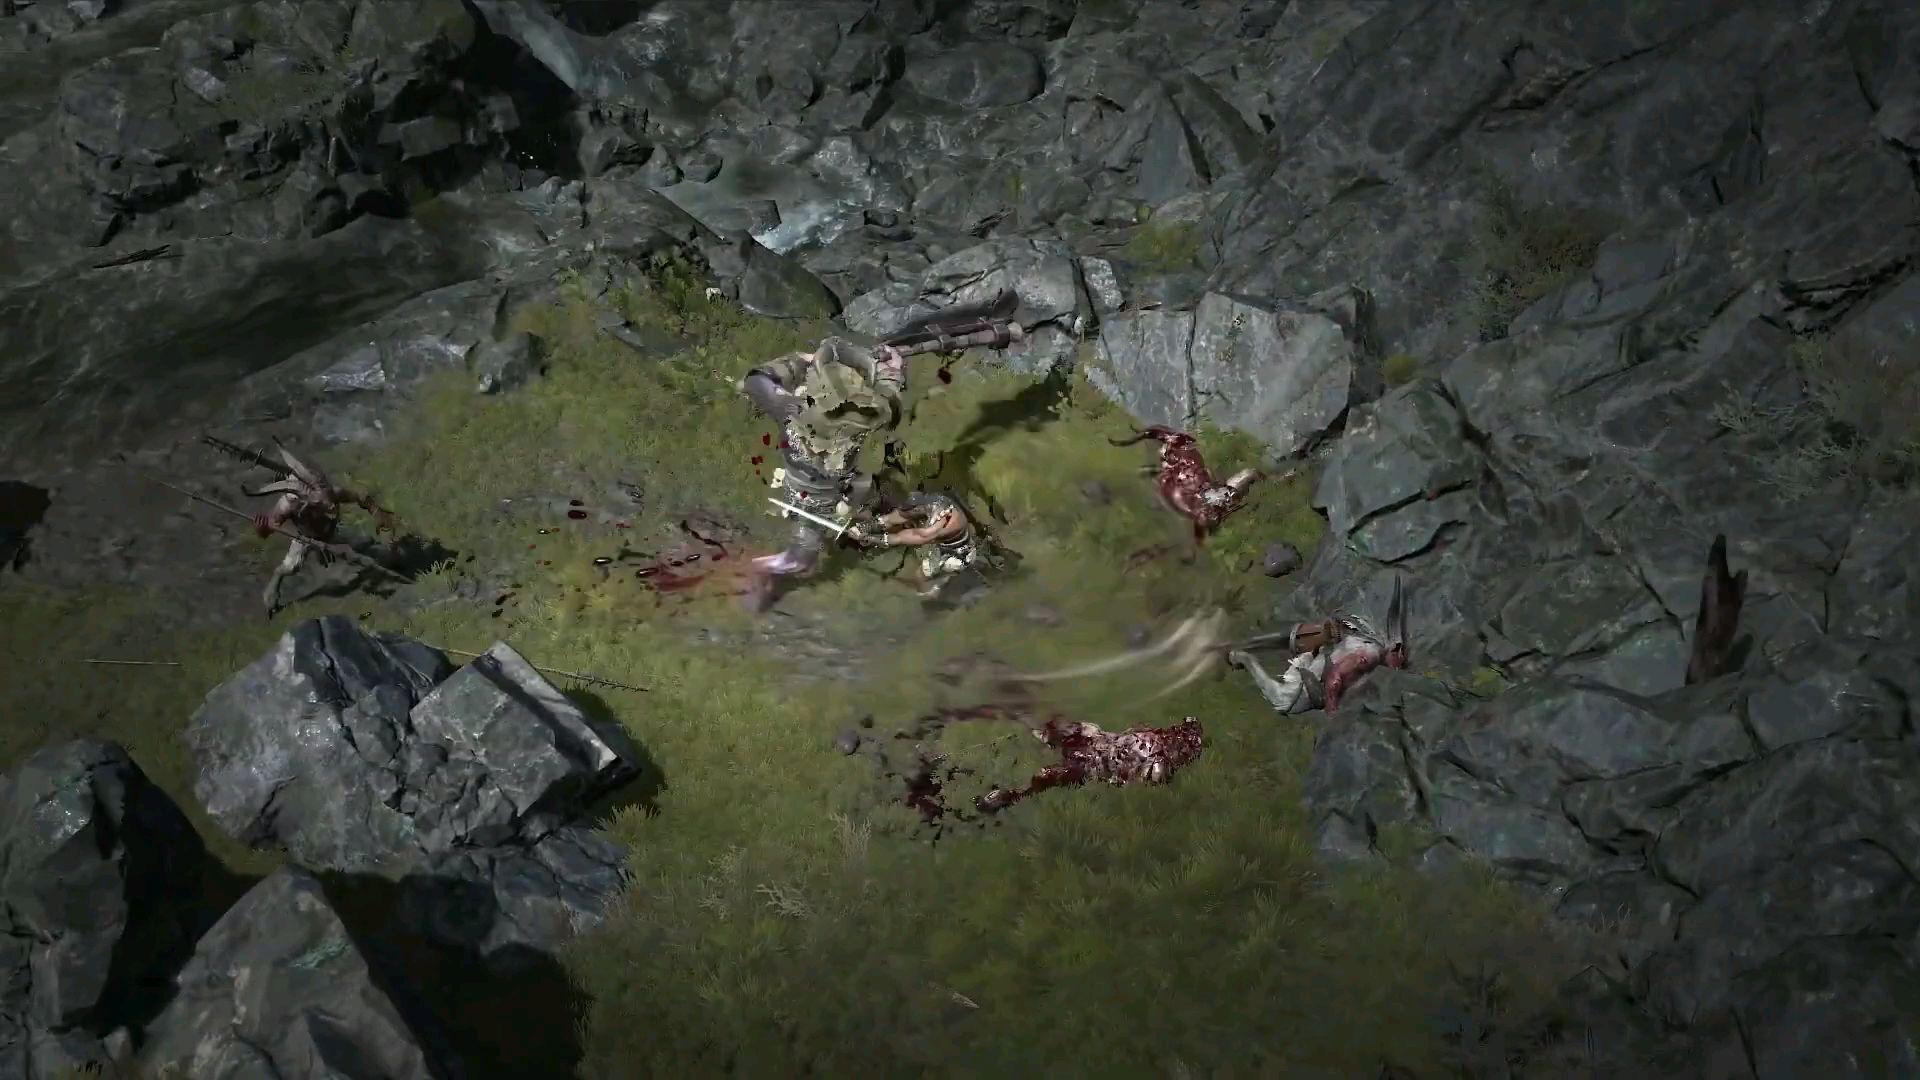 《暗黑破坏神4》实际游戏画面演示